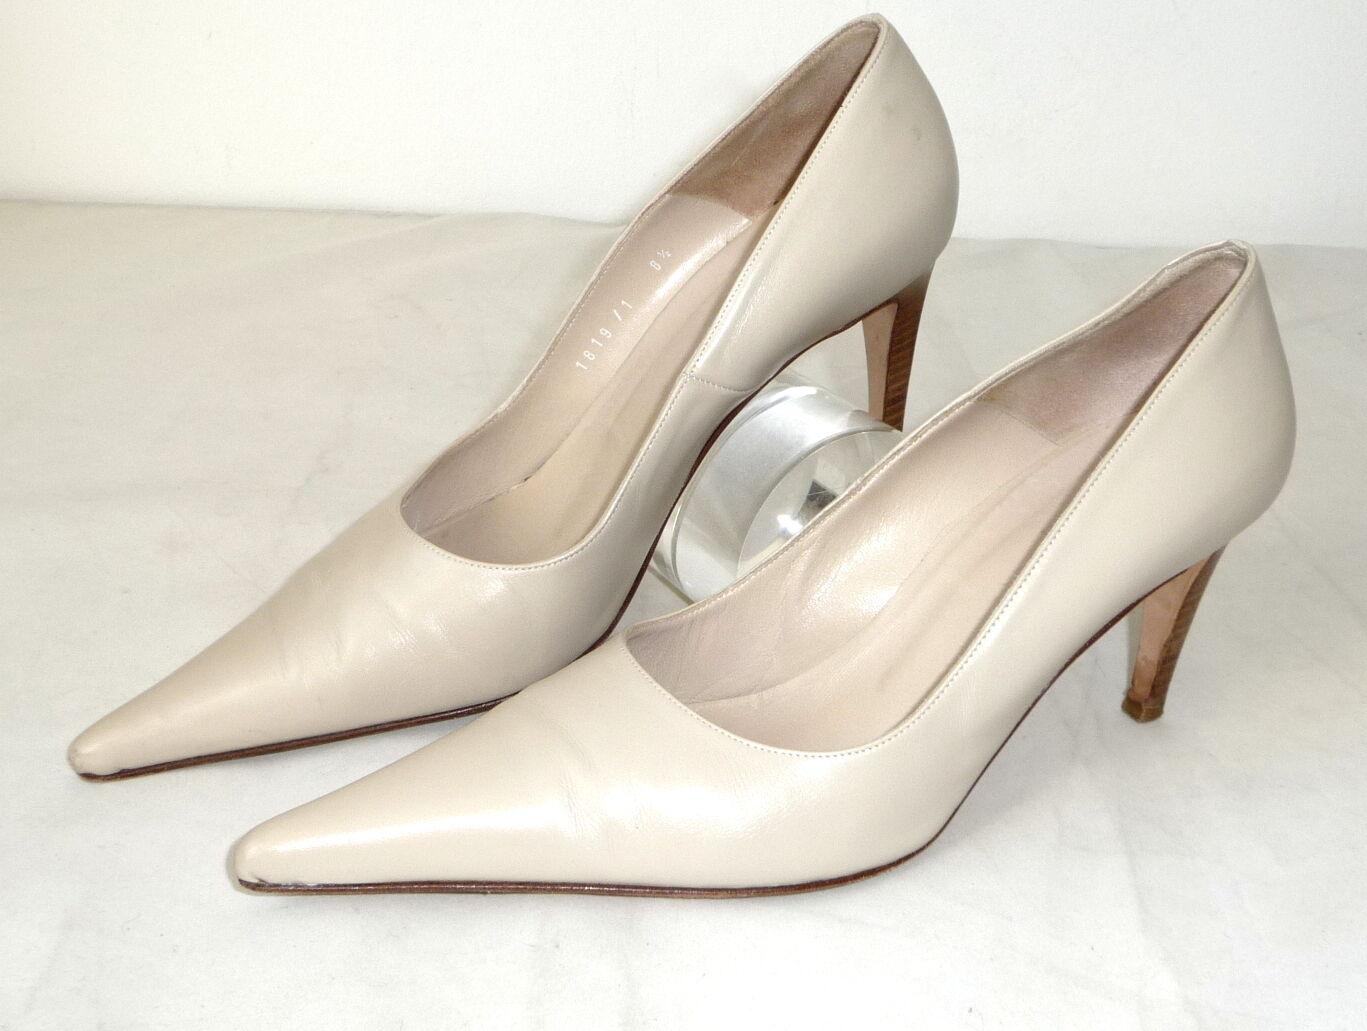 Gianni Versace 38,5 Leder Pumps Schuhe Schuhe Schuhe High heels nude schuhe Hautfarben Pump 9a60be